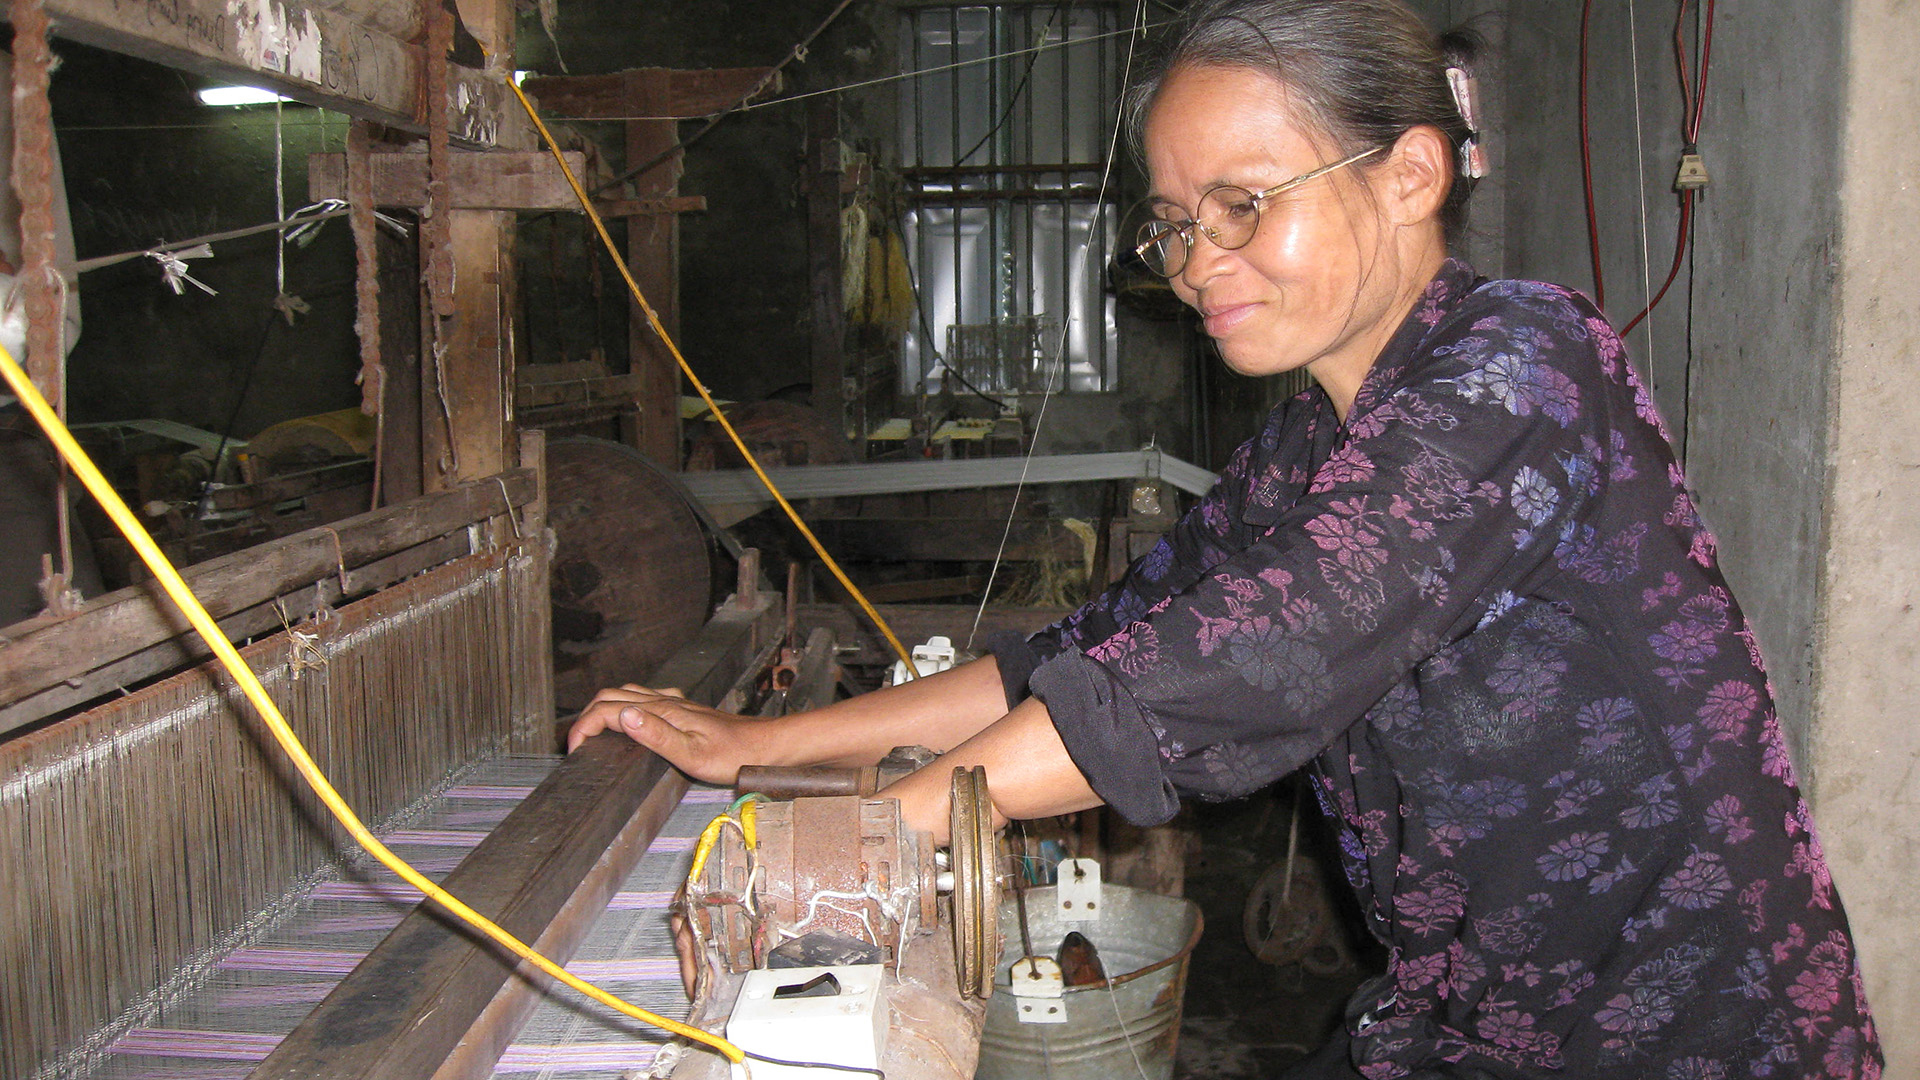 Frauen- und Gendergerechtigkeit sind unseren Partnern wichtig. So sind bei EMA 70 Prozent der leitenden Positionen mit Frauen besetzt. Craft Link bietet unter anderem Gender-Training an. Von allen dreien beziehen wir Schals. Rund 60 Prozent der Produzenten bei Wüstensand, unserem marokkanischen Partner für Korbtaschen, sind Frauen.